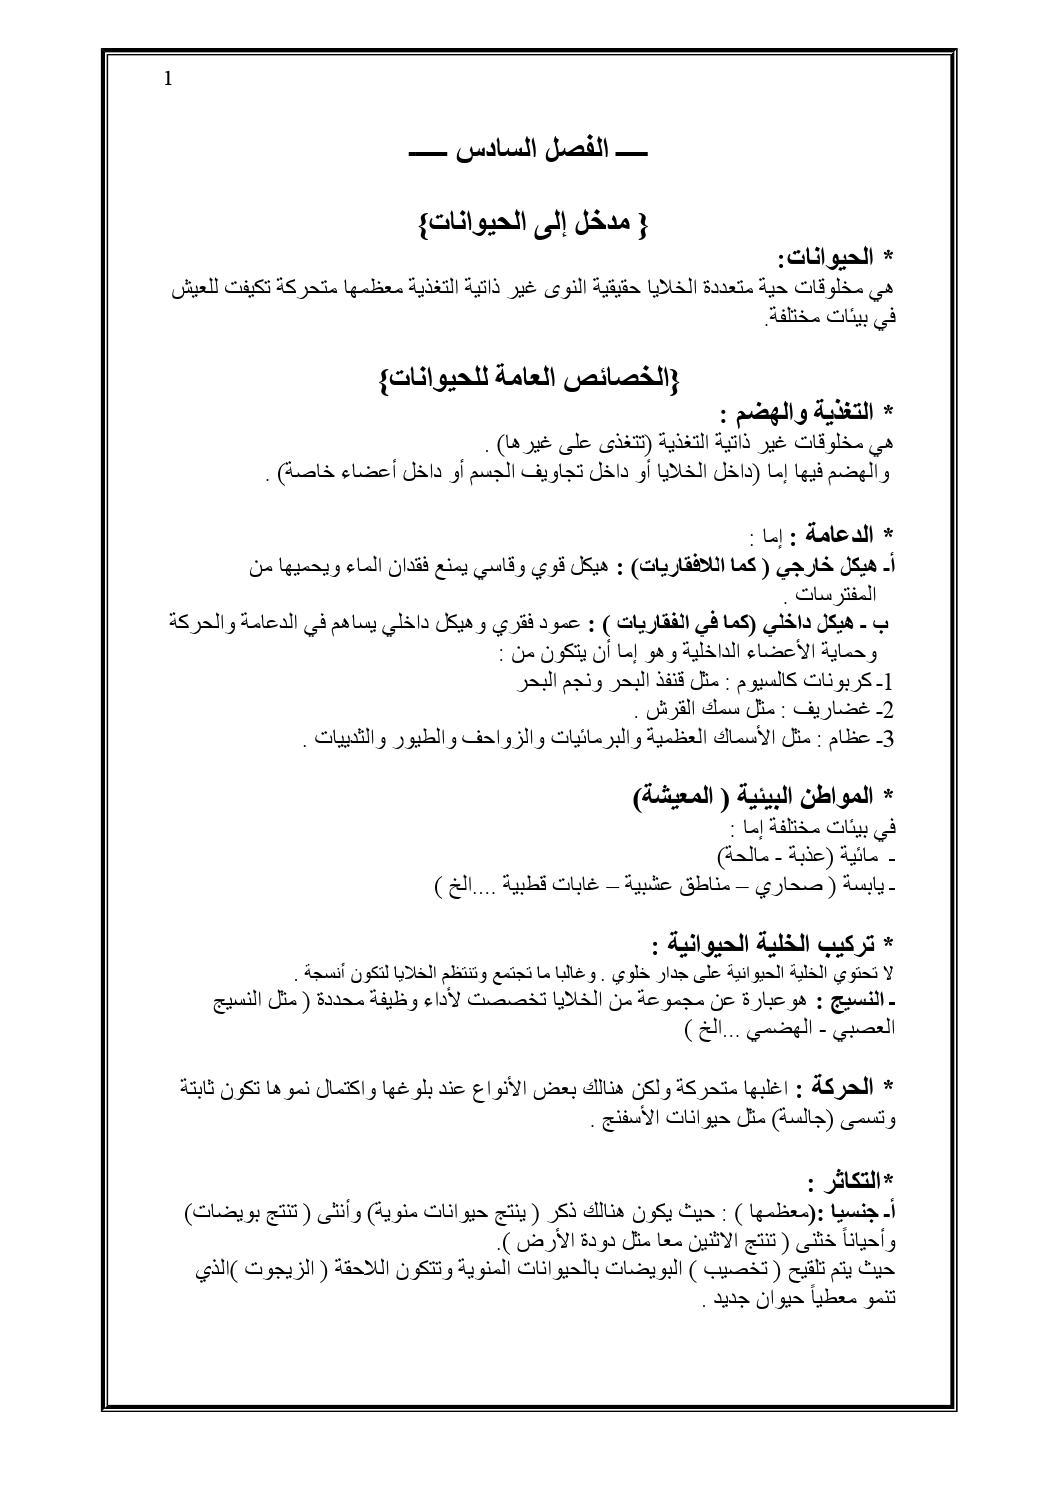 ملخص كامل أحياء اول ثانوي الفصل الدراسي الثاني المنهج المطور By Abdulrahman Ali Issuu